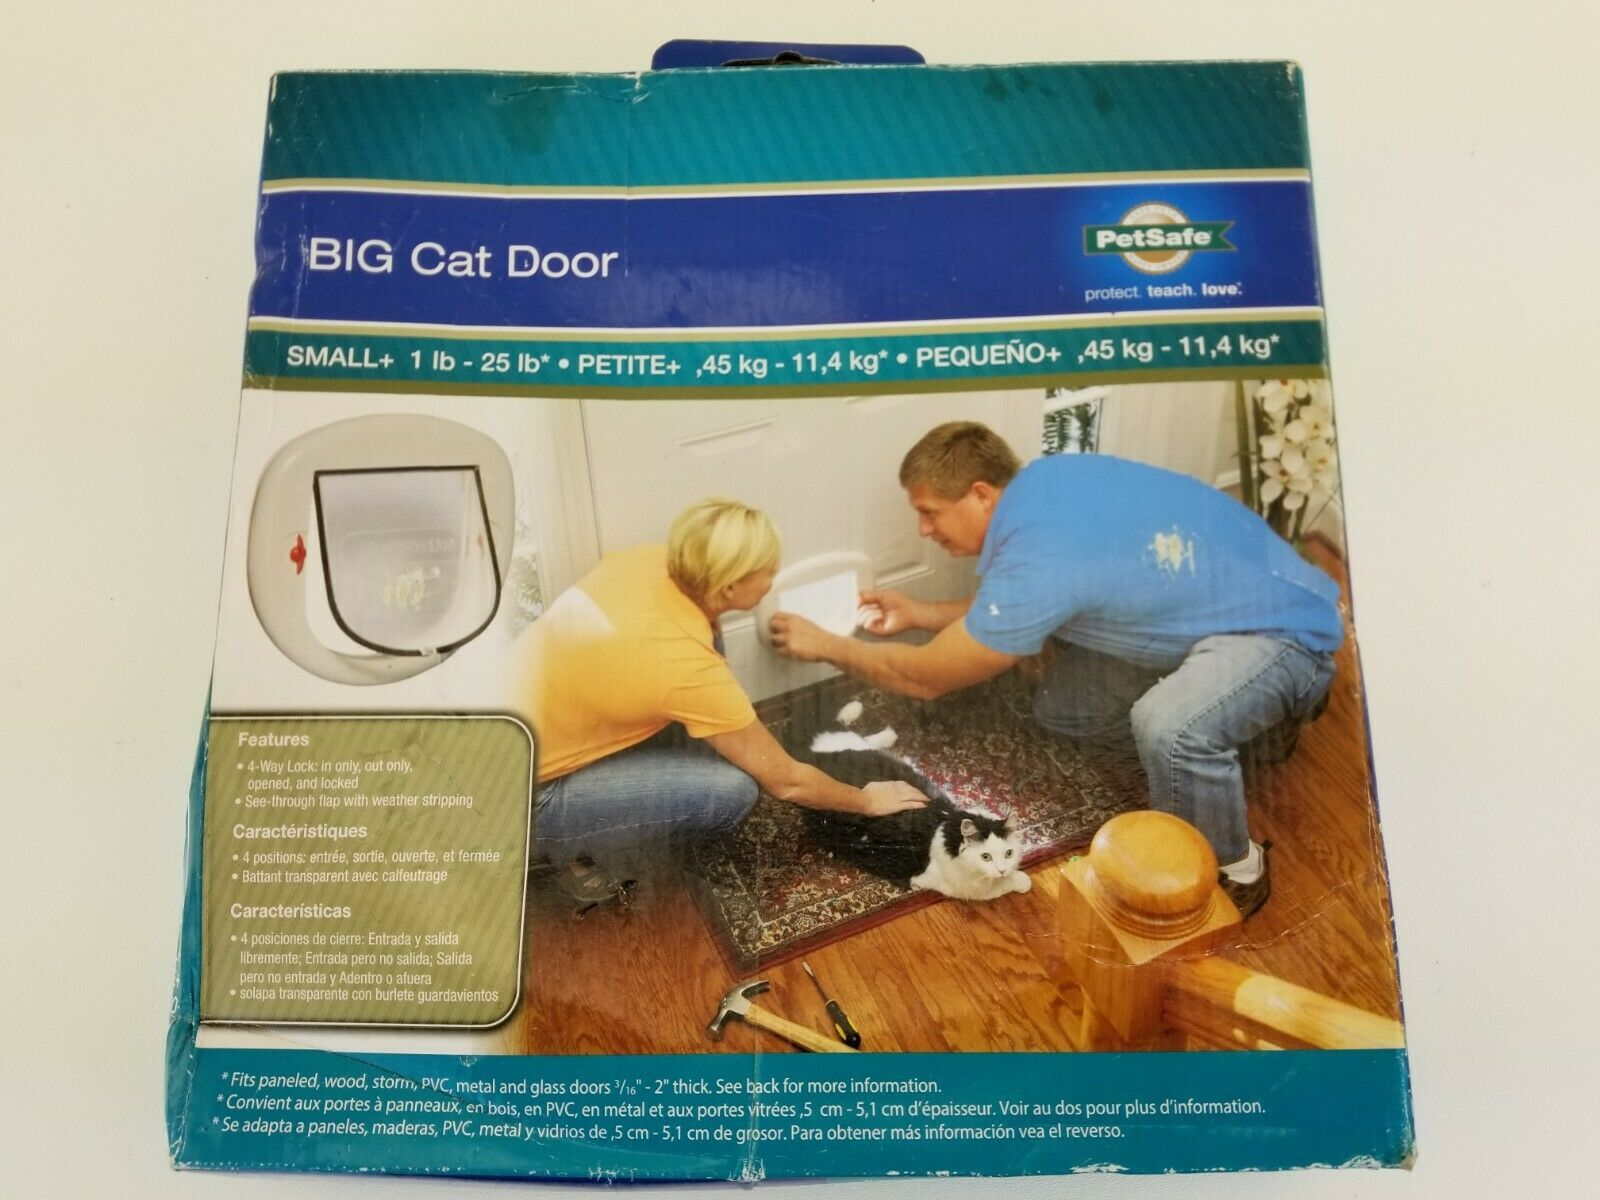 PetSafe Big Cat Door (Up to 25 Pounds)   HPA11-110888 - $28.12